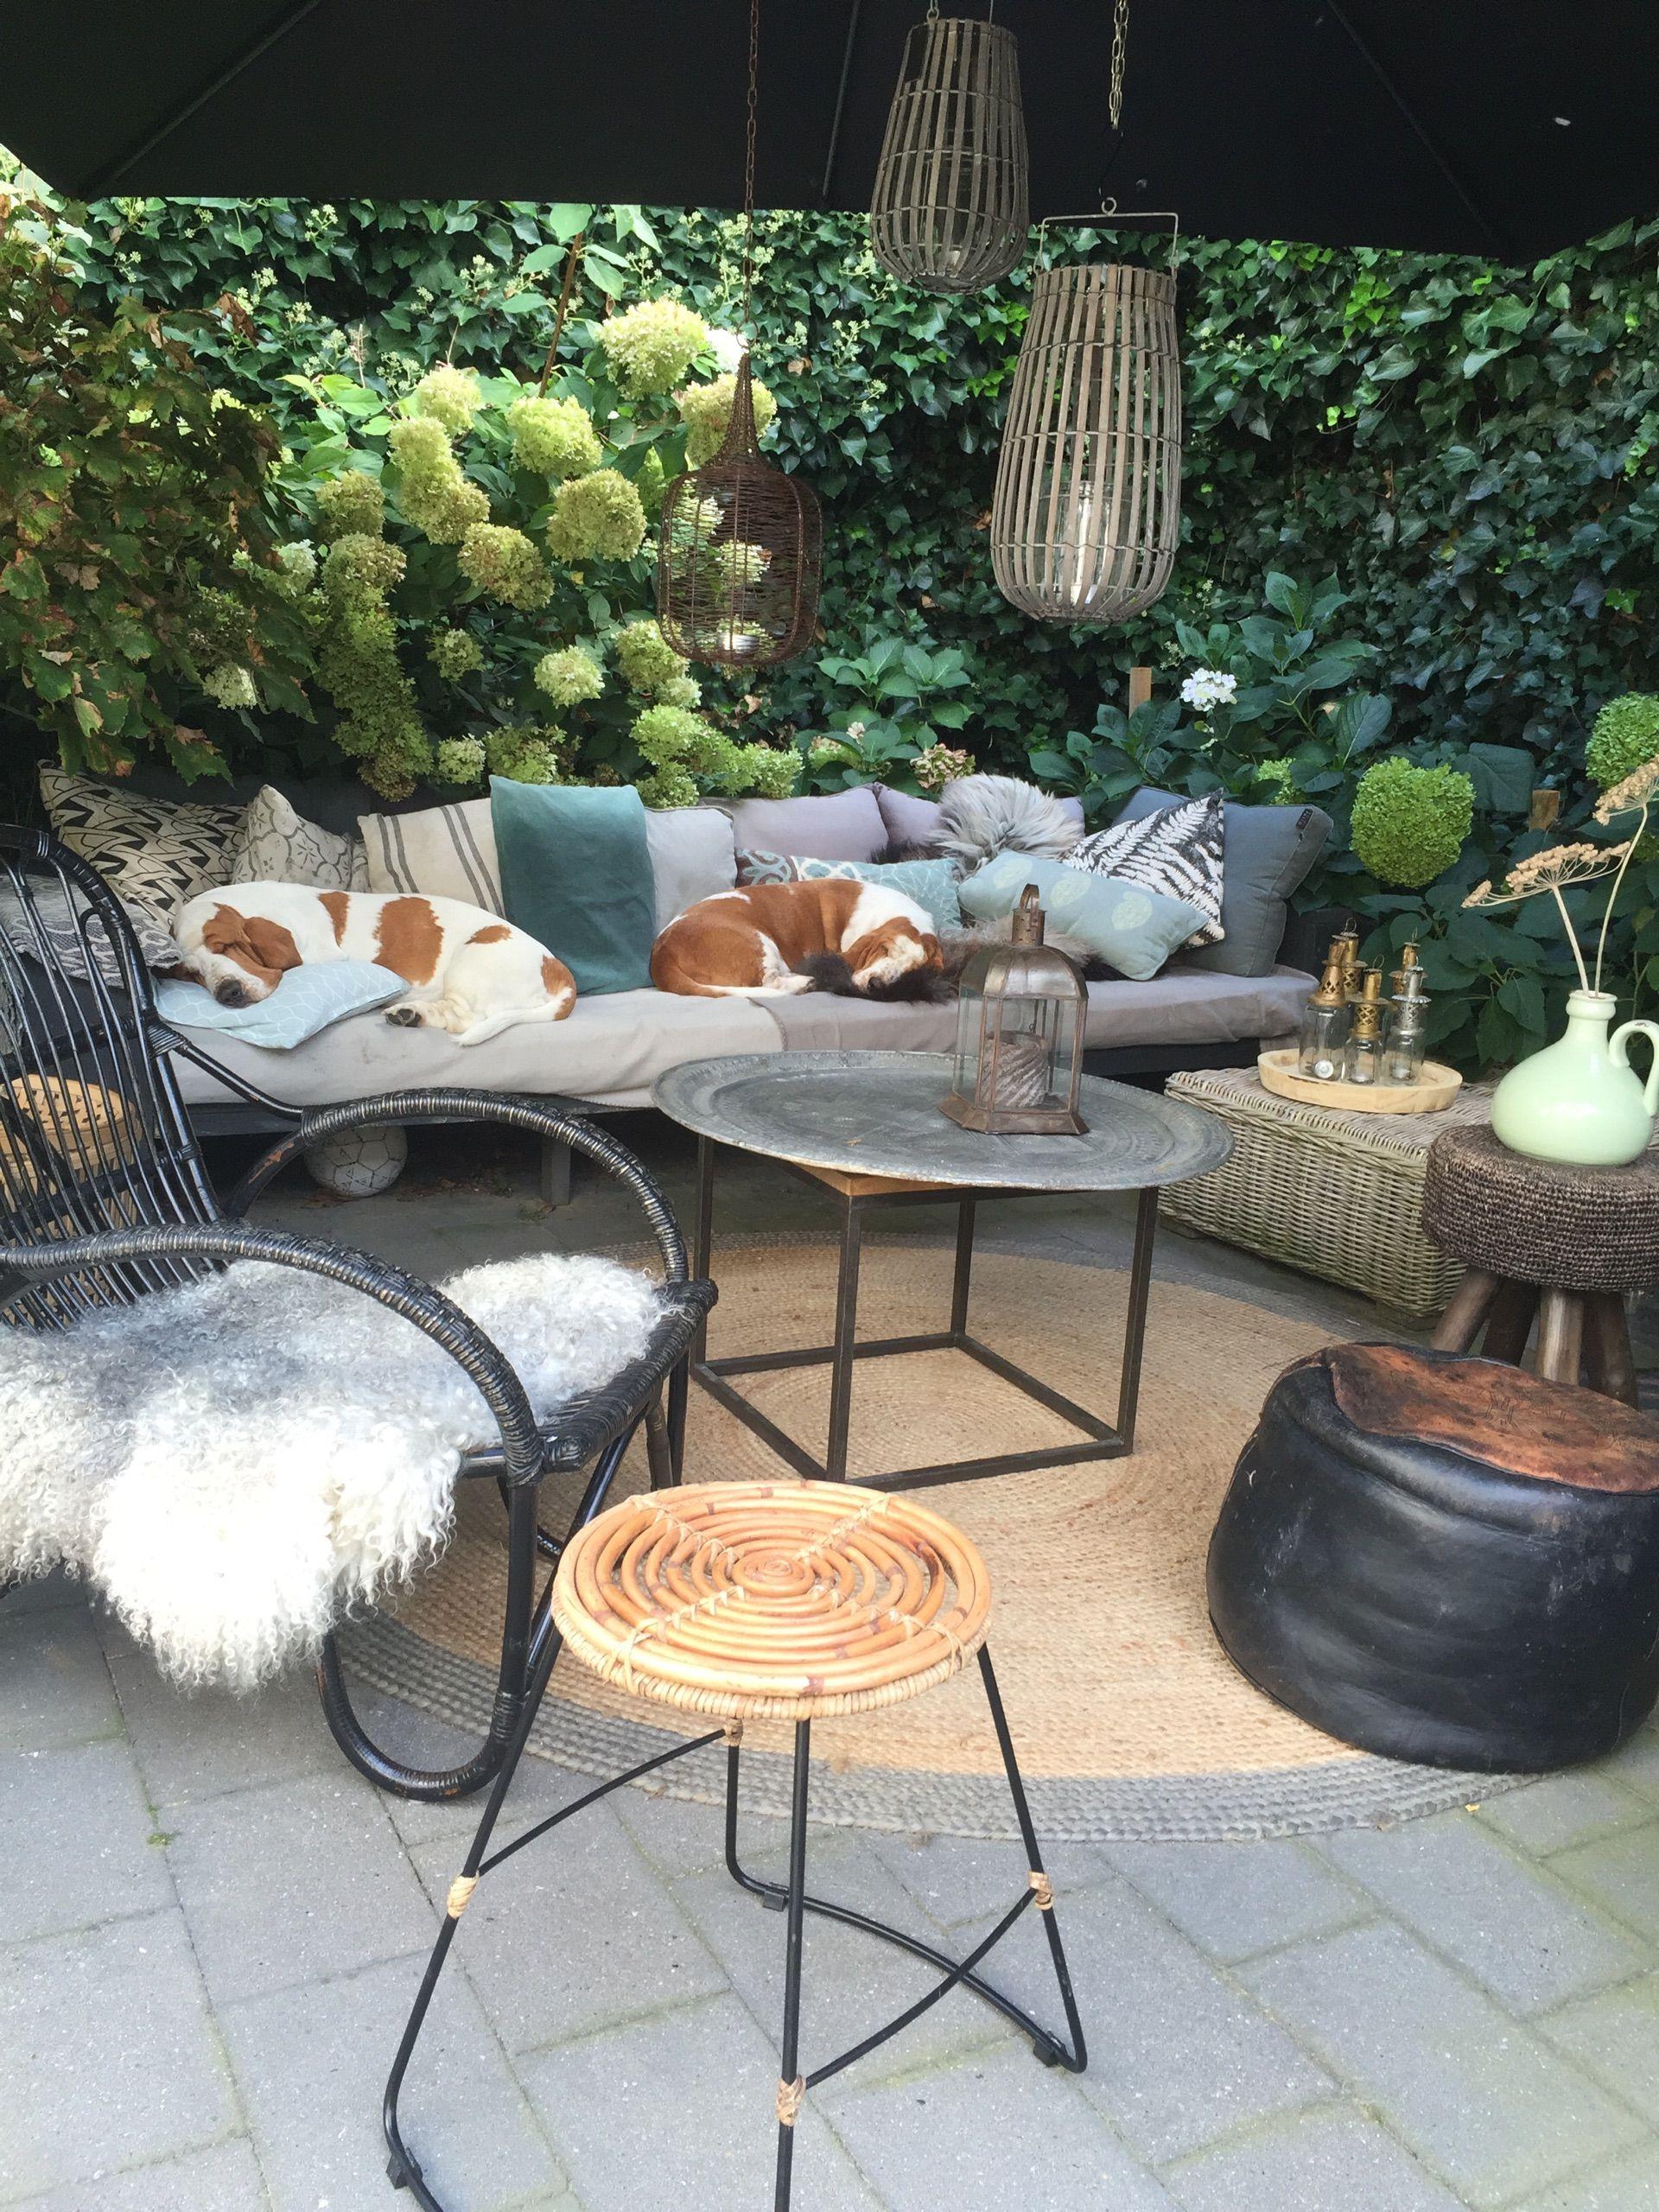 db4b0d3b2144c93d486cf1d1f24fd0b5 Luxe De Table Basse Style Romantique Schème